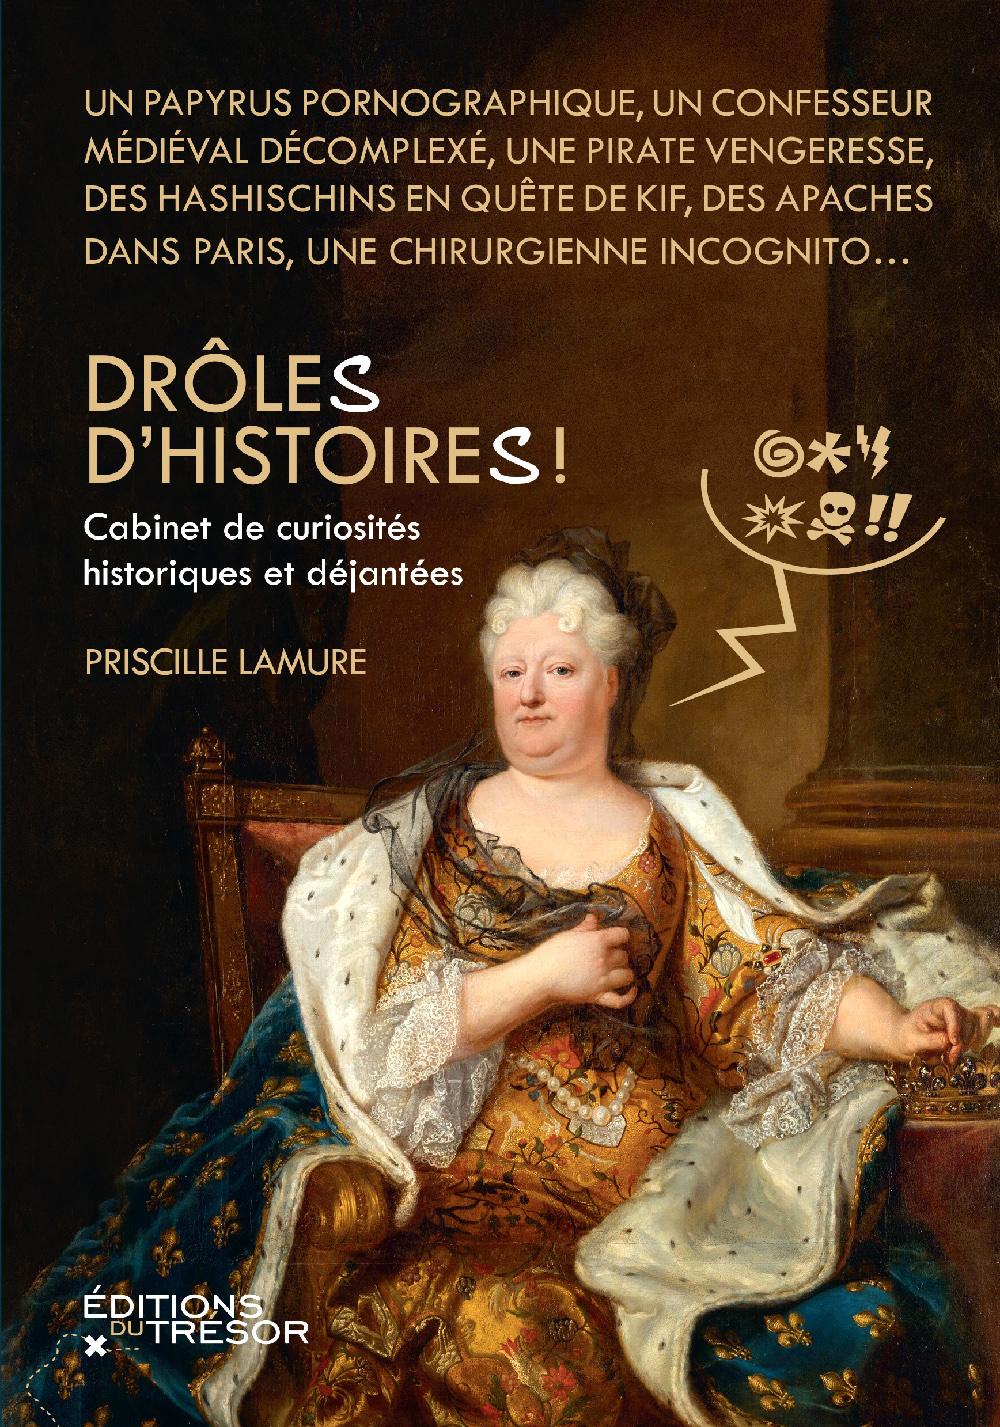 DRÔLE(S) D'HISTOIRE(S)